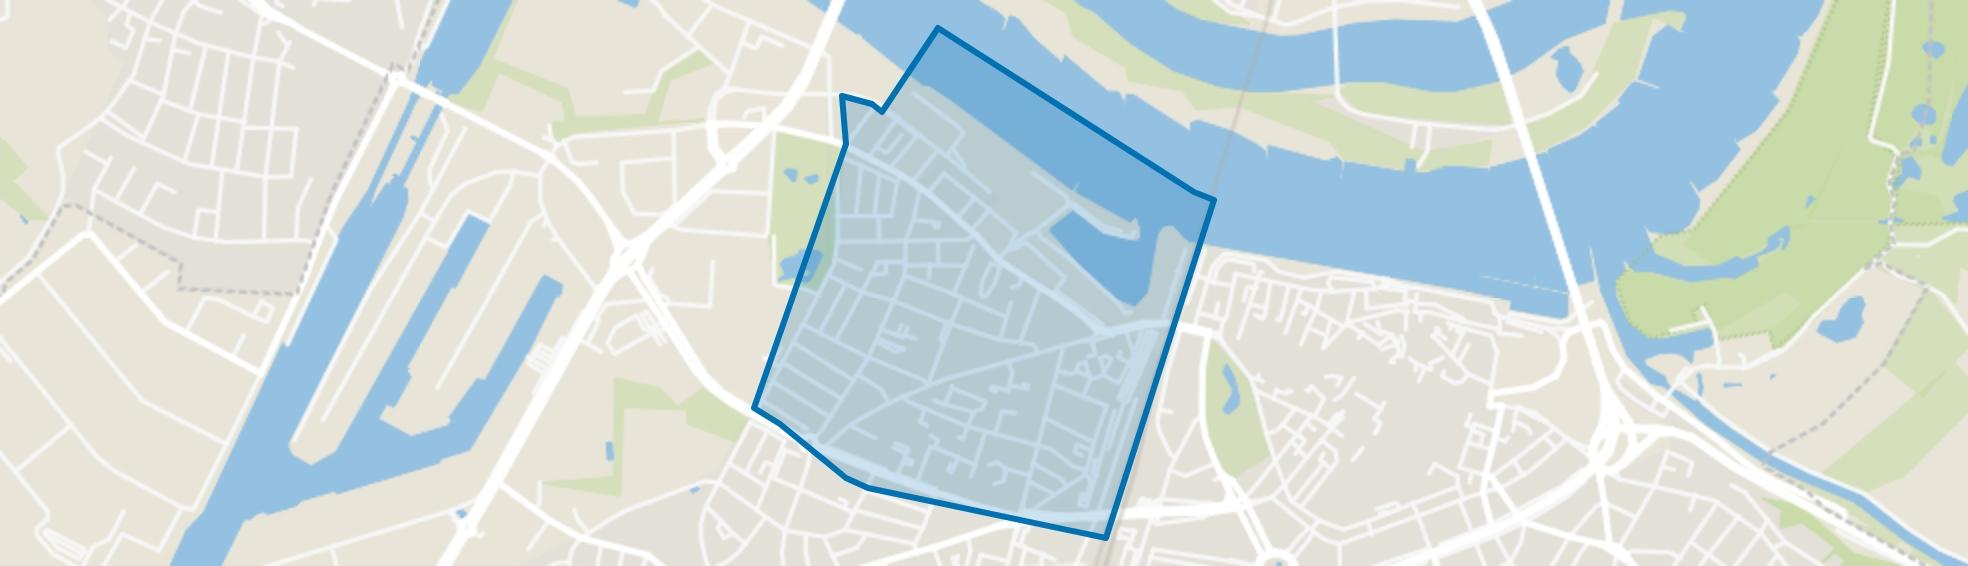 Biezen, Nijmegen map